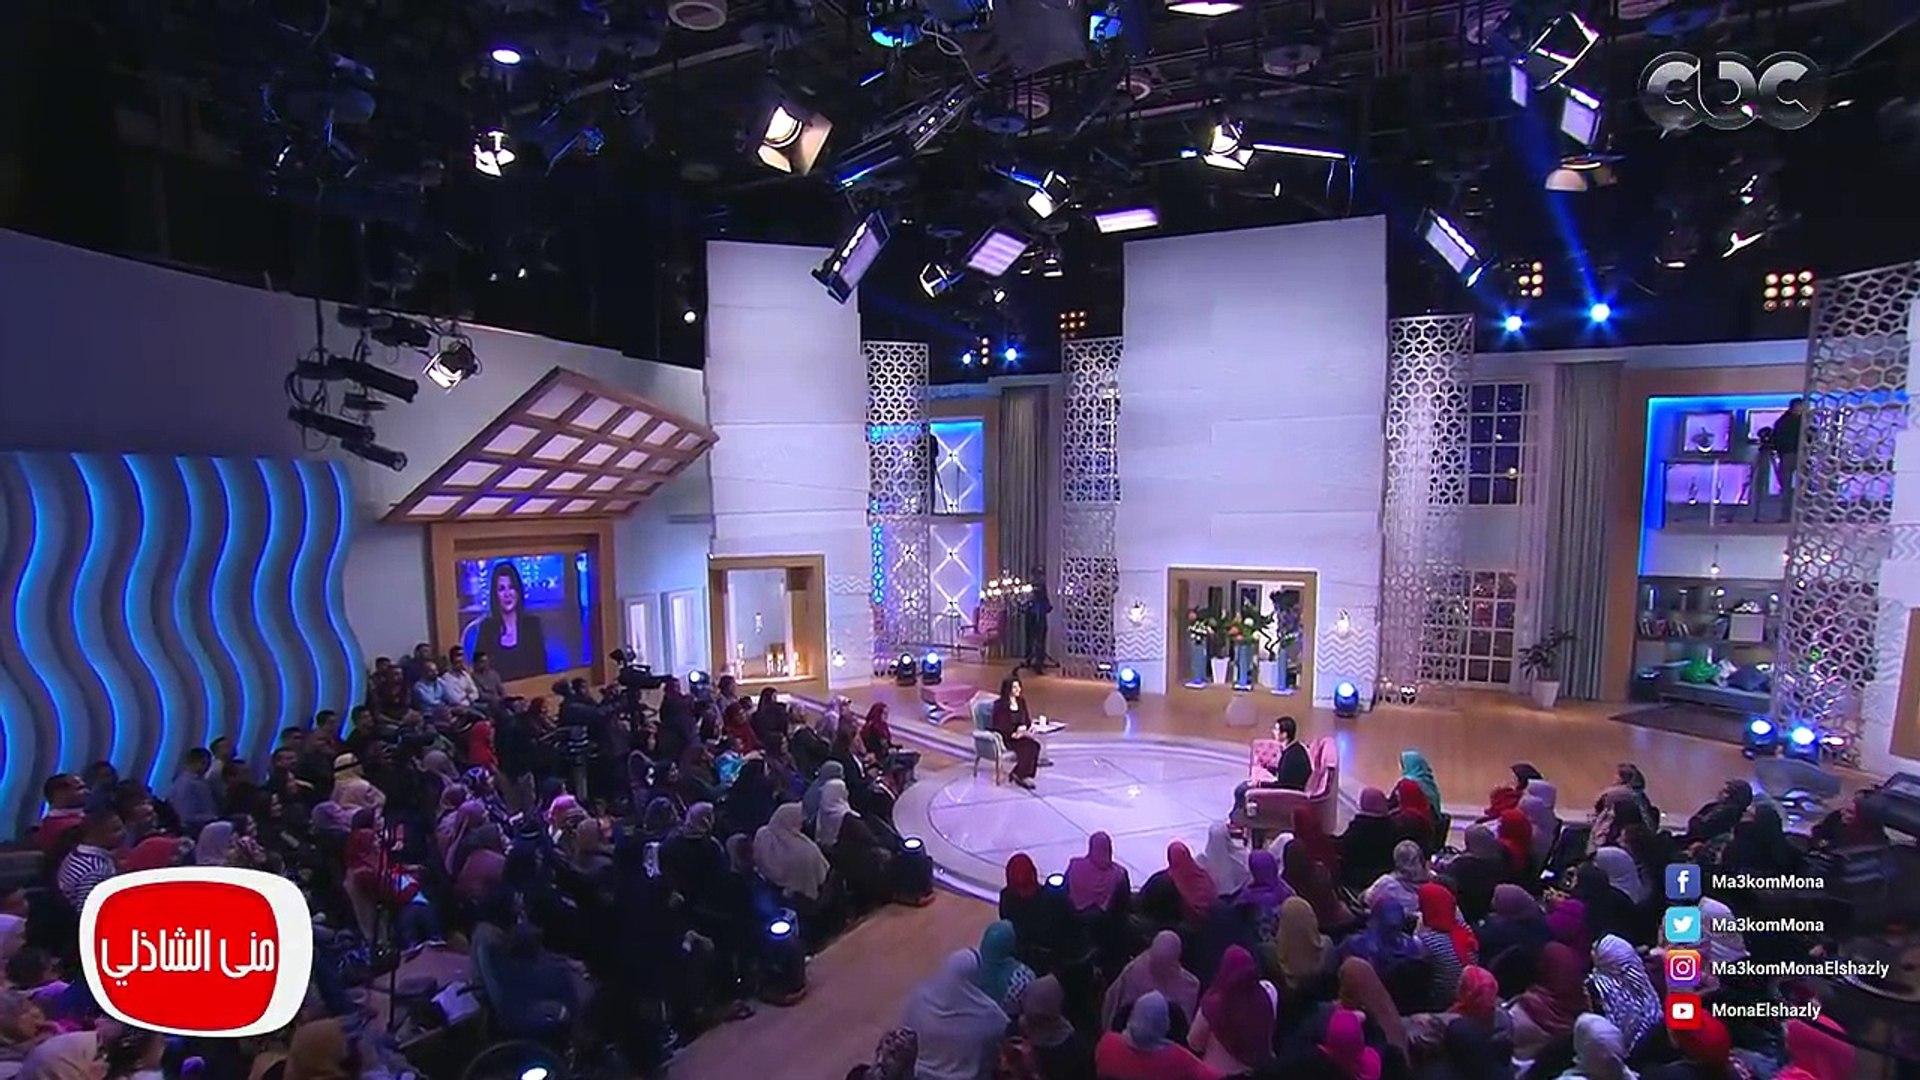 معكم منى الشاذلي اللقاء الكامل لنجم مسرح مصر الفنان محمد أنور مع منى الشاذلي بمناسبة عيد الأم